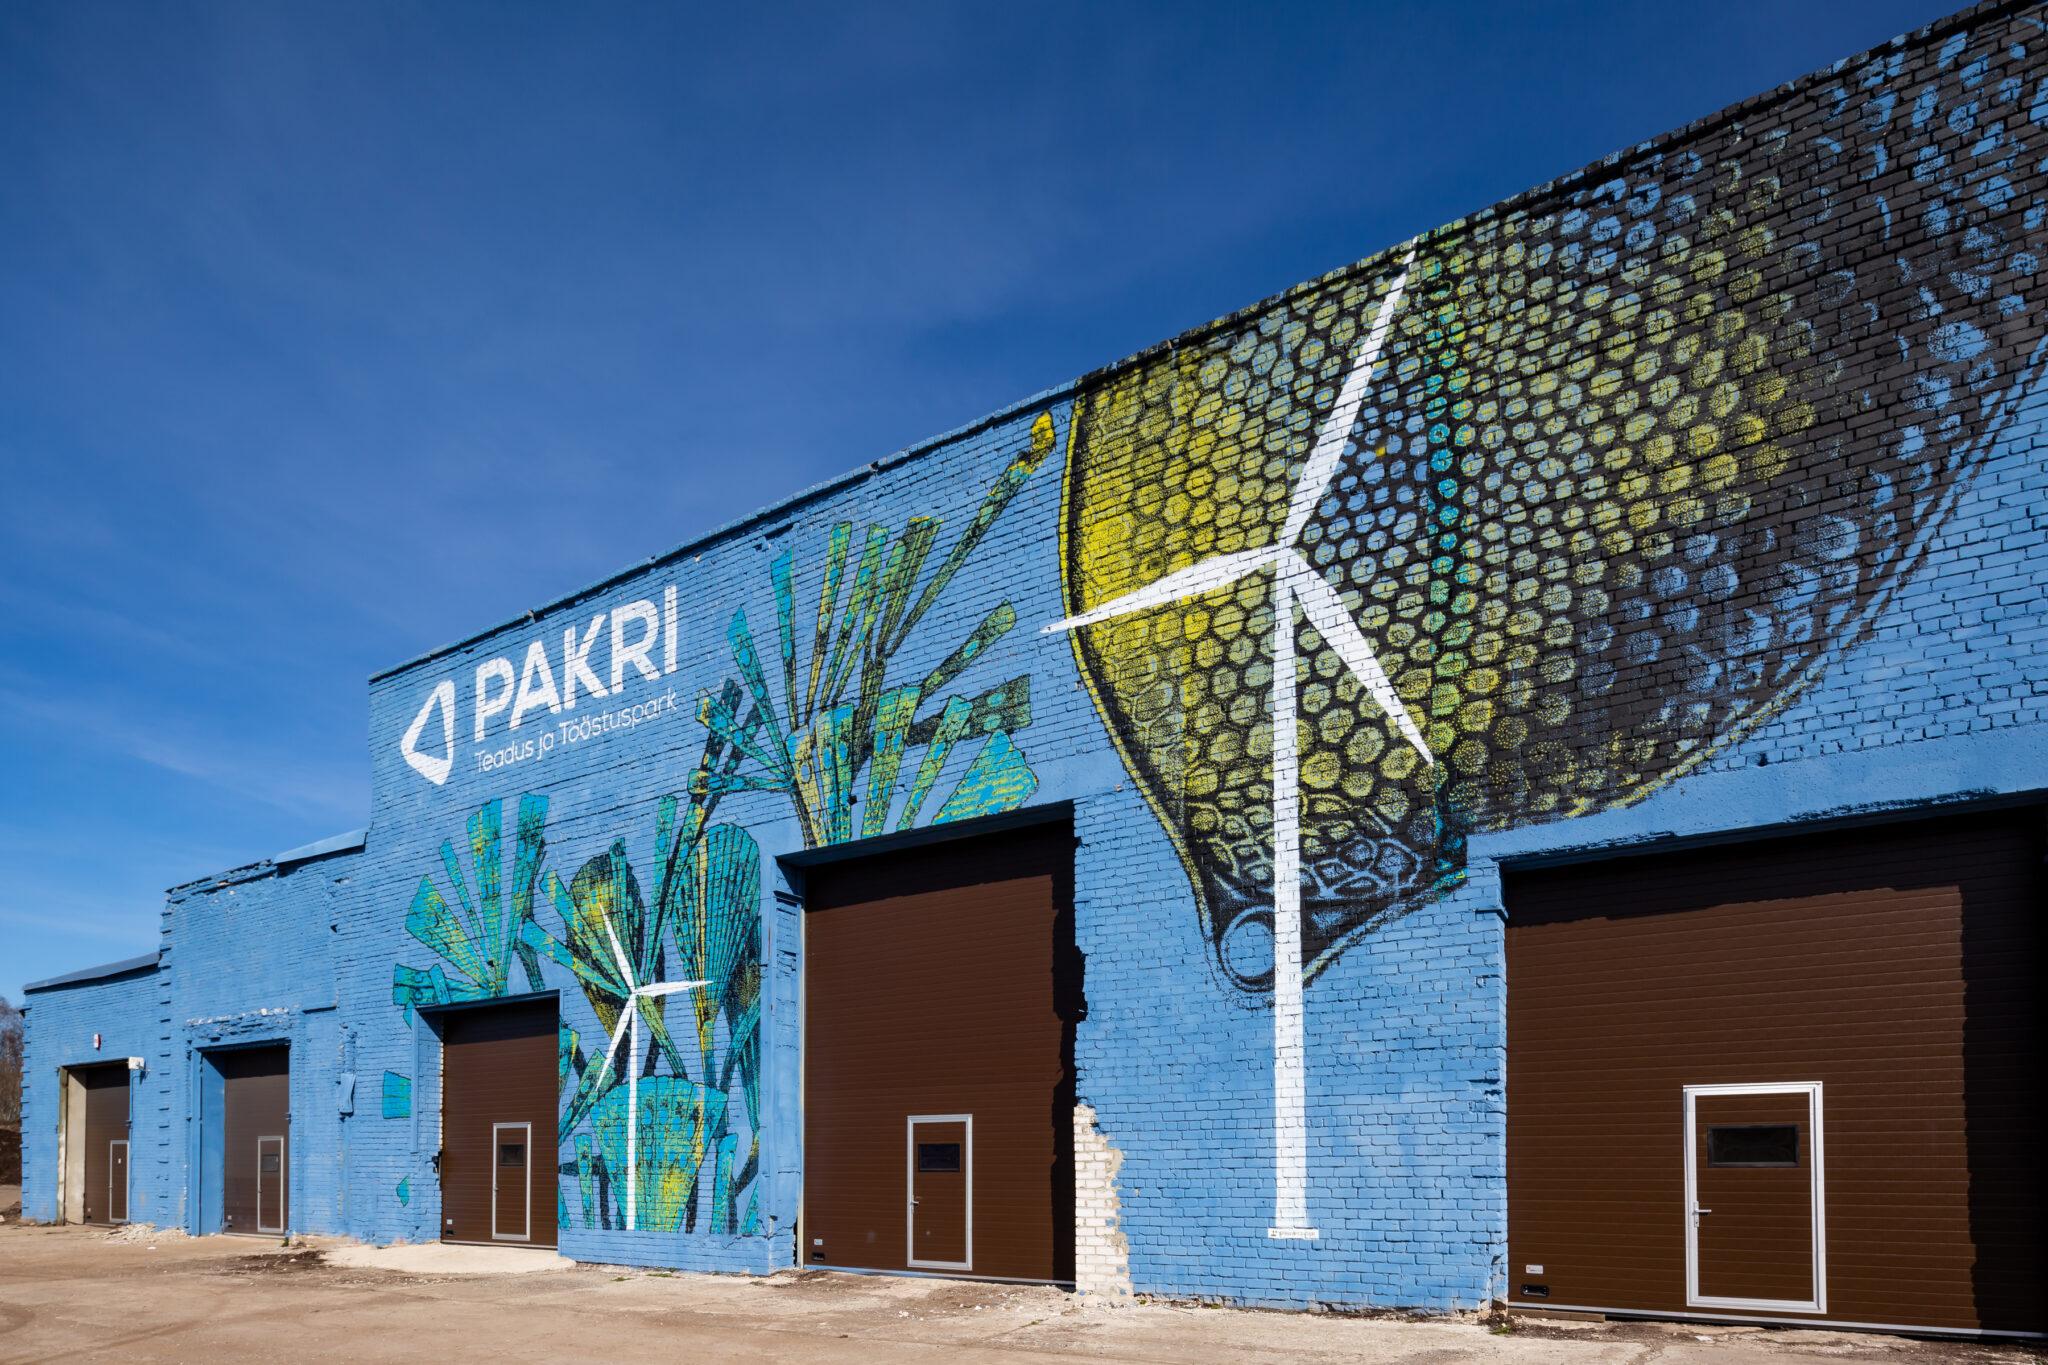 Praegu Pakri teadus- ja tööstuspargis püsti pandud päikesepargi võimsus on 0,95 MW, tulevikus on plaanis päikeseenergia kasutamist suurendada. Foto: Allan Leppikson